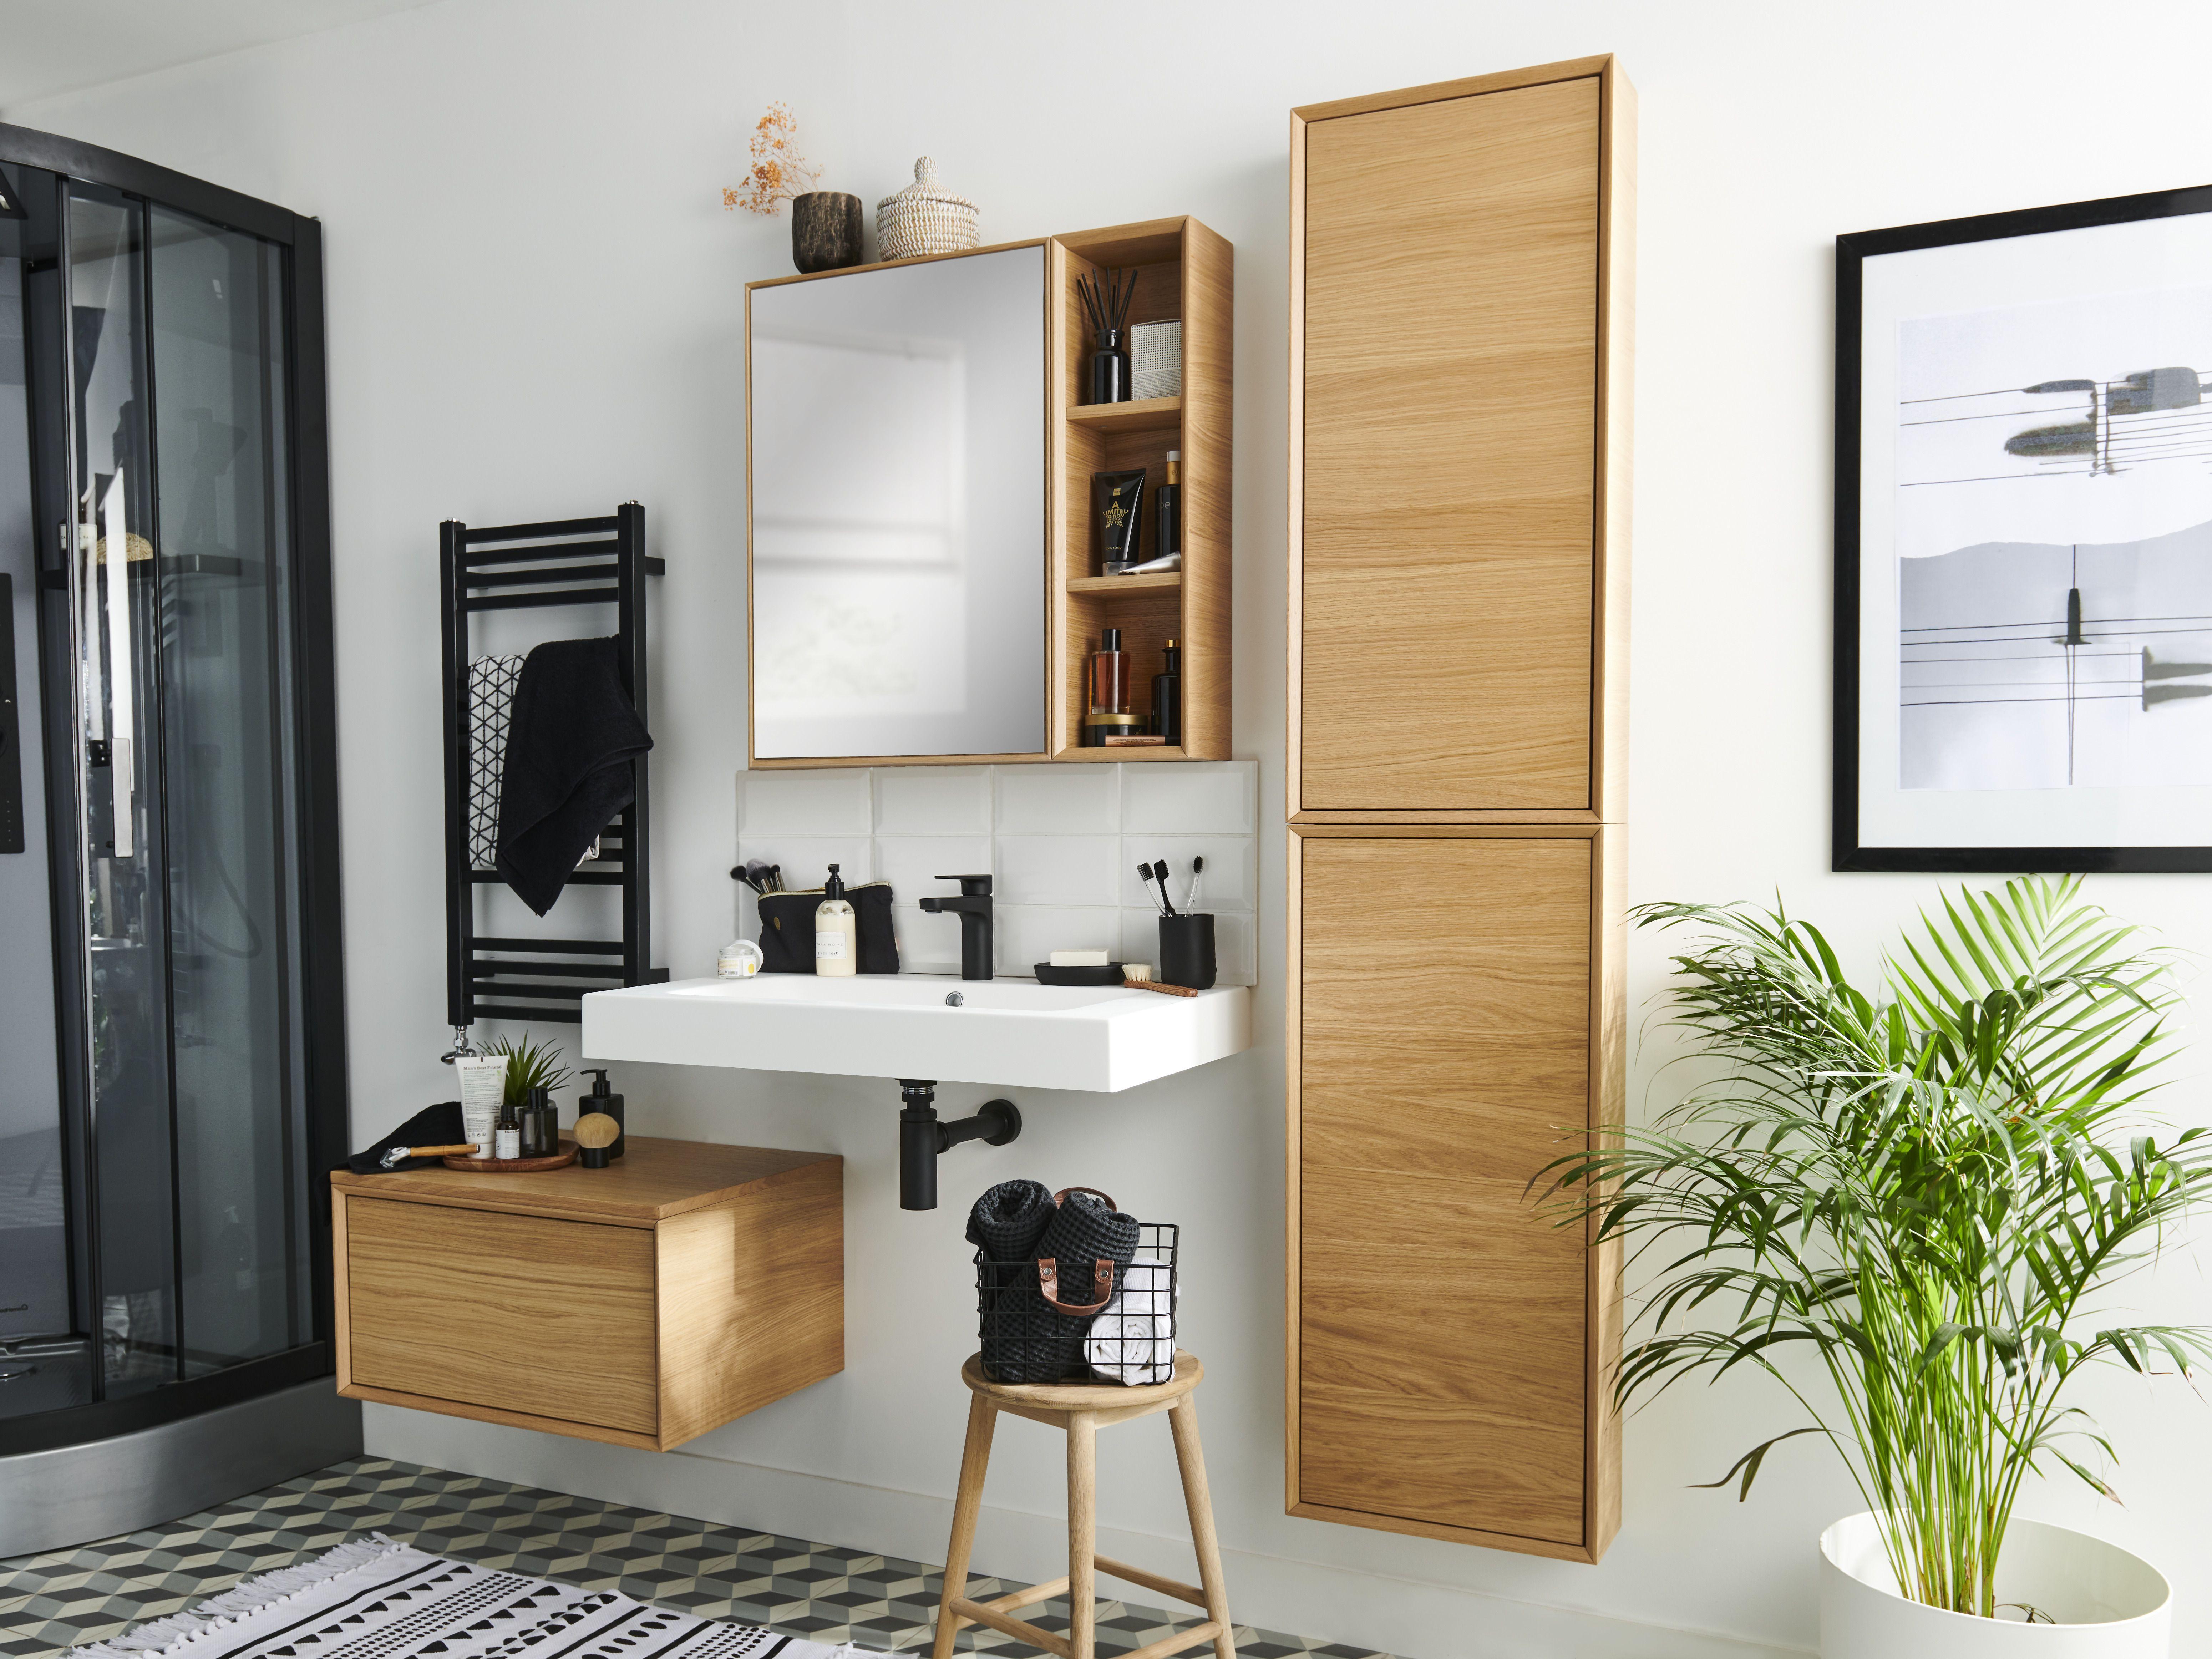 Zestaw Mebli Lazienkowych Goodhome Avela Z Umywalka Duala 80 Cm Zestawy Goodhome Home Decor Decor